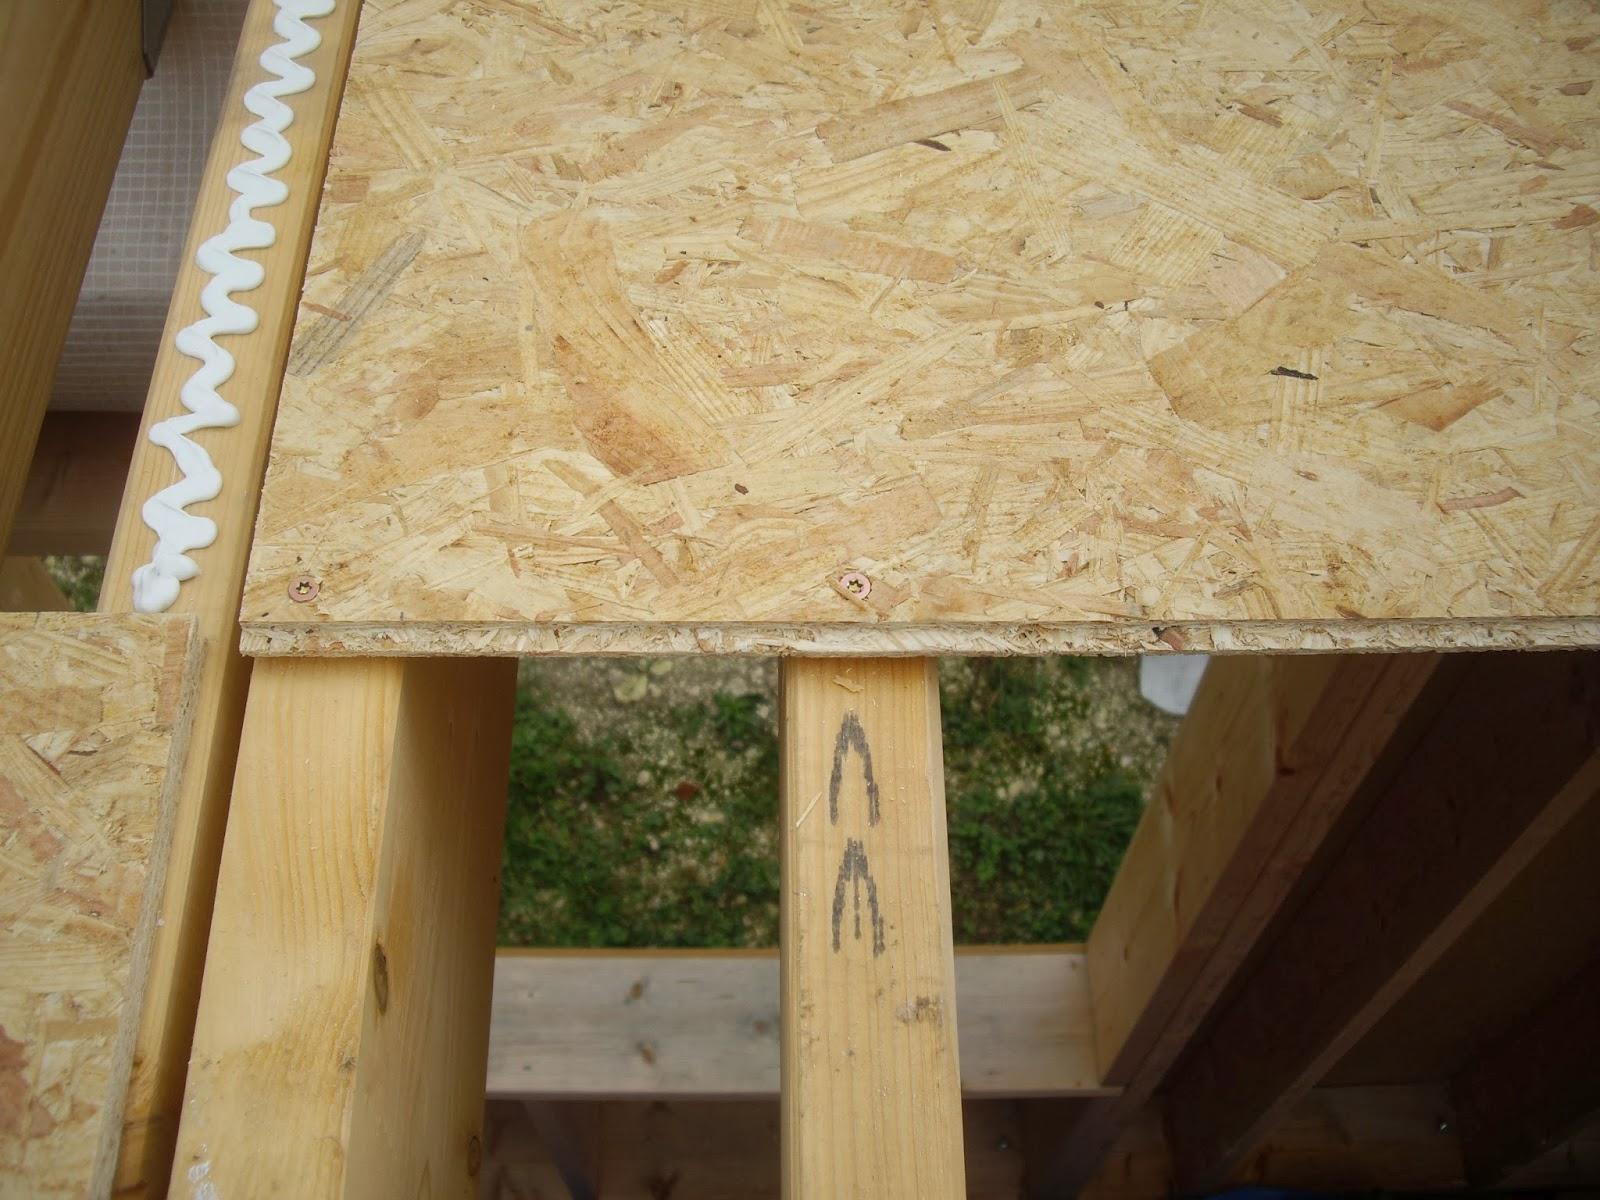 Notre auto construction passive maison ossature bois m - Principe maison ossature bois ...